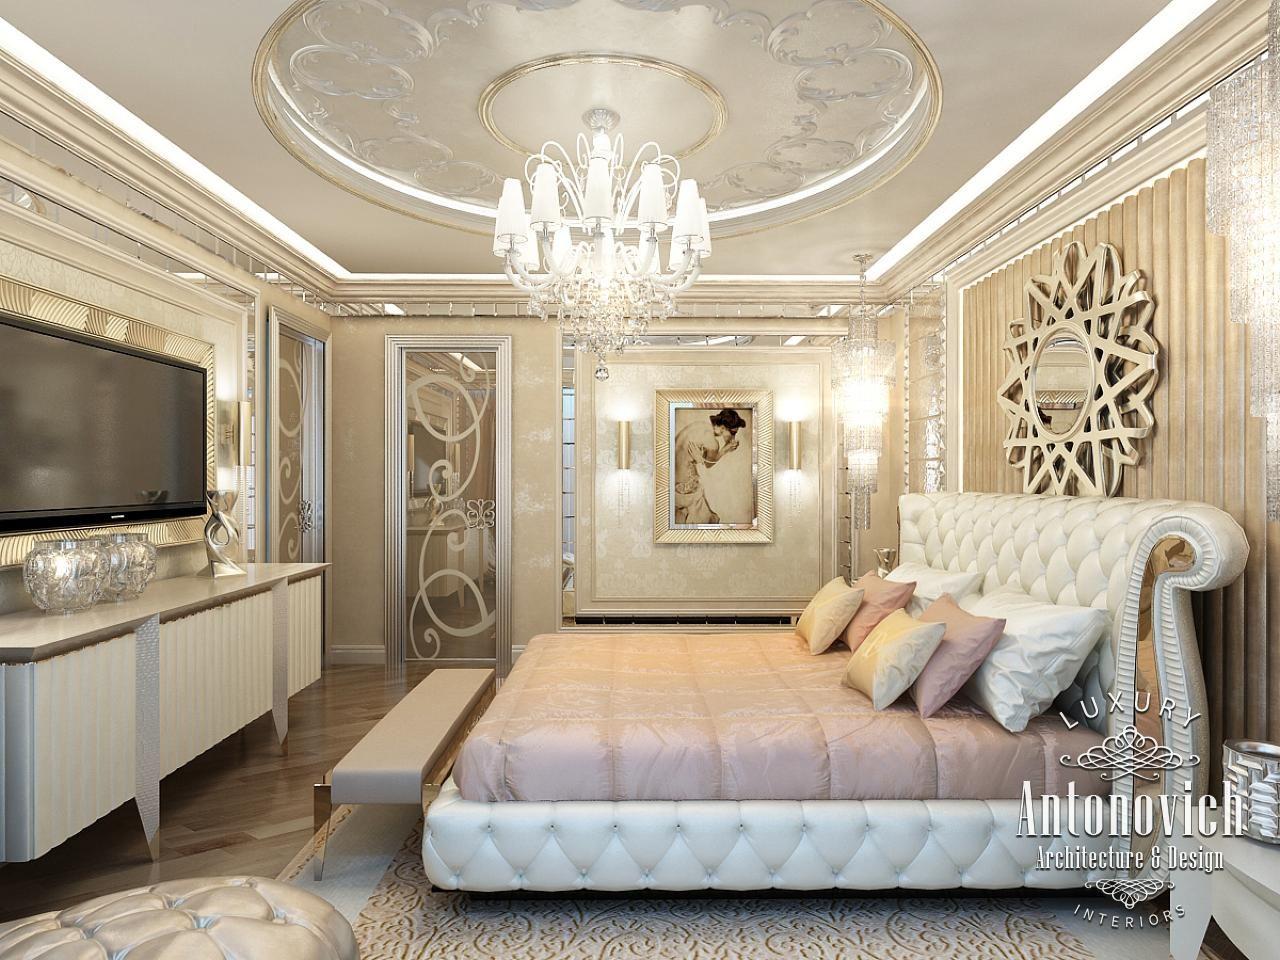 Villa Interior Design In Dubai, Beautiful Villa, Photo 48